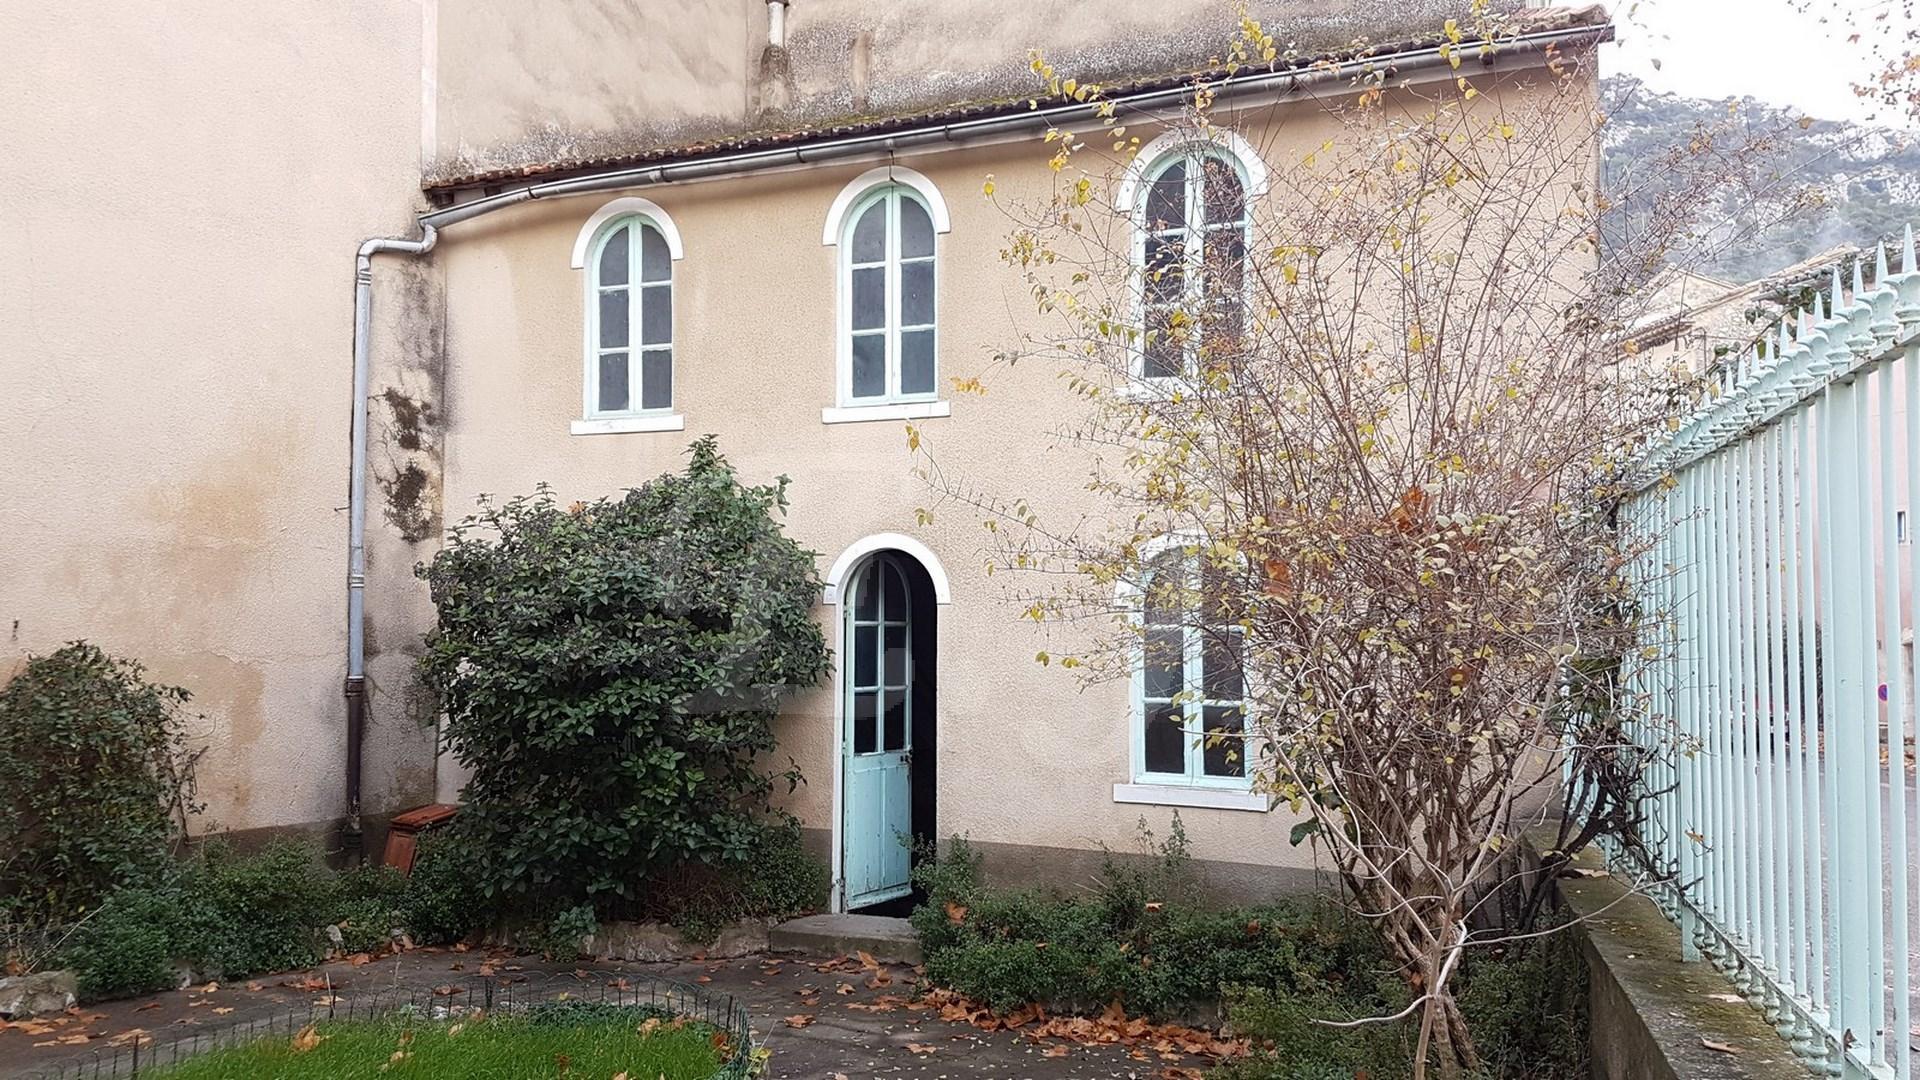 Vente Maison de village ROBION 6 pièces avec cour interieure et garage au centre du vieux village